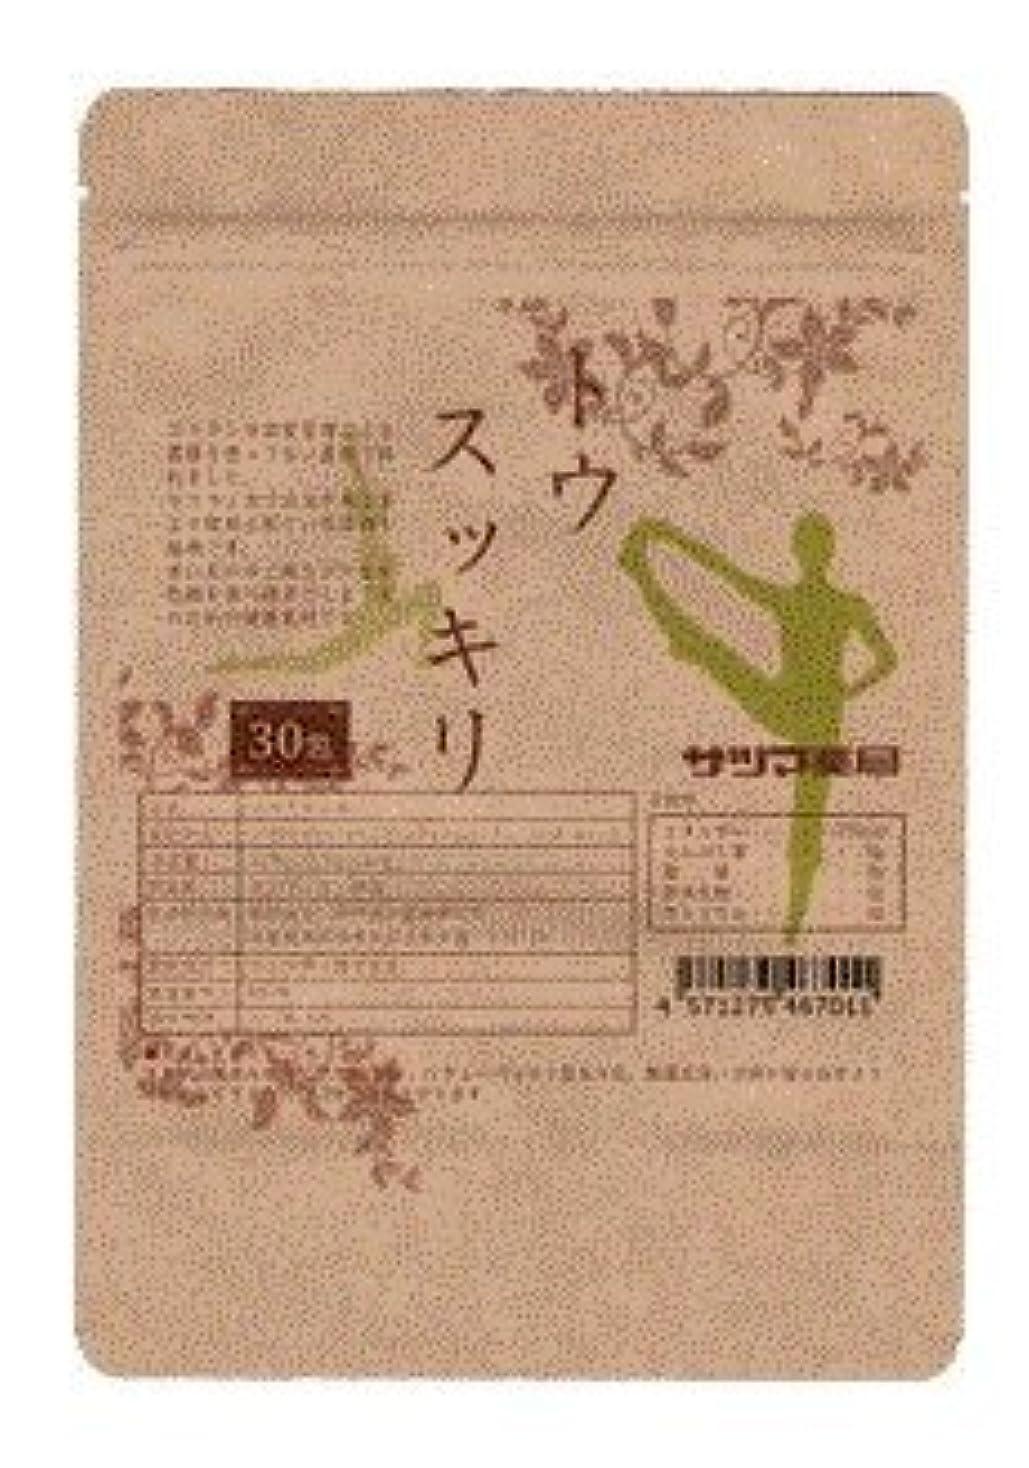 八百屋セーター弁護士〔サツマ薬局〕 トウスッキリ 高濃度コタラヒム茶(ティーパック) 30包